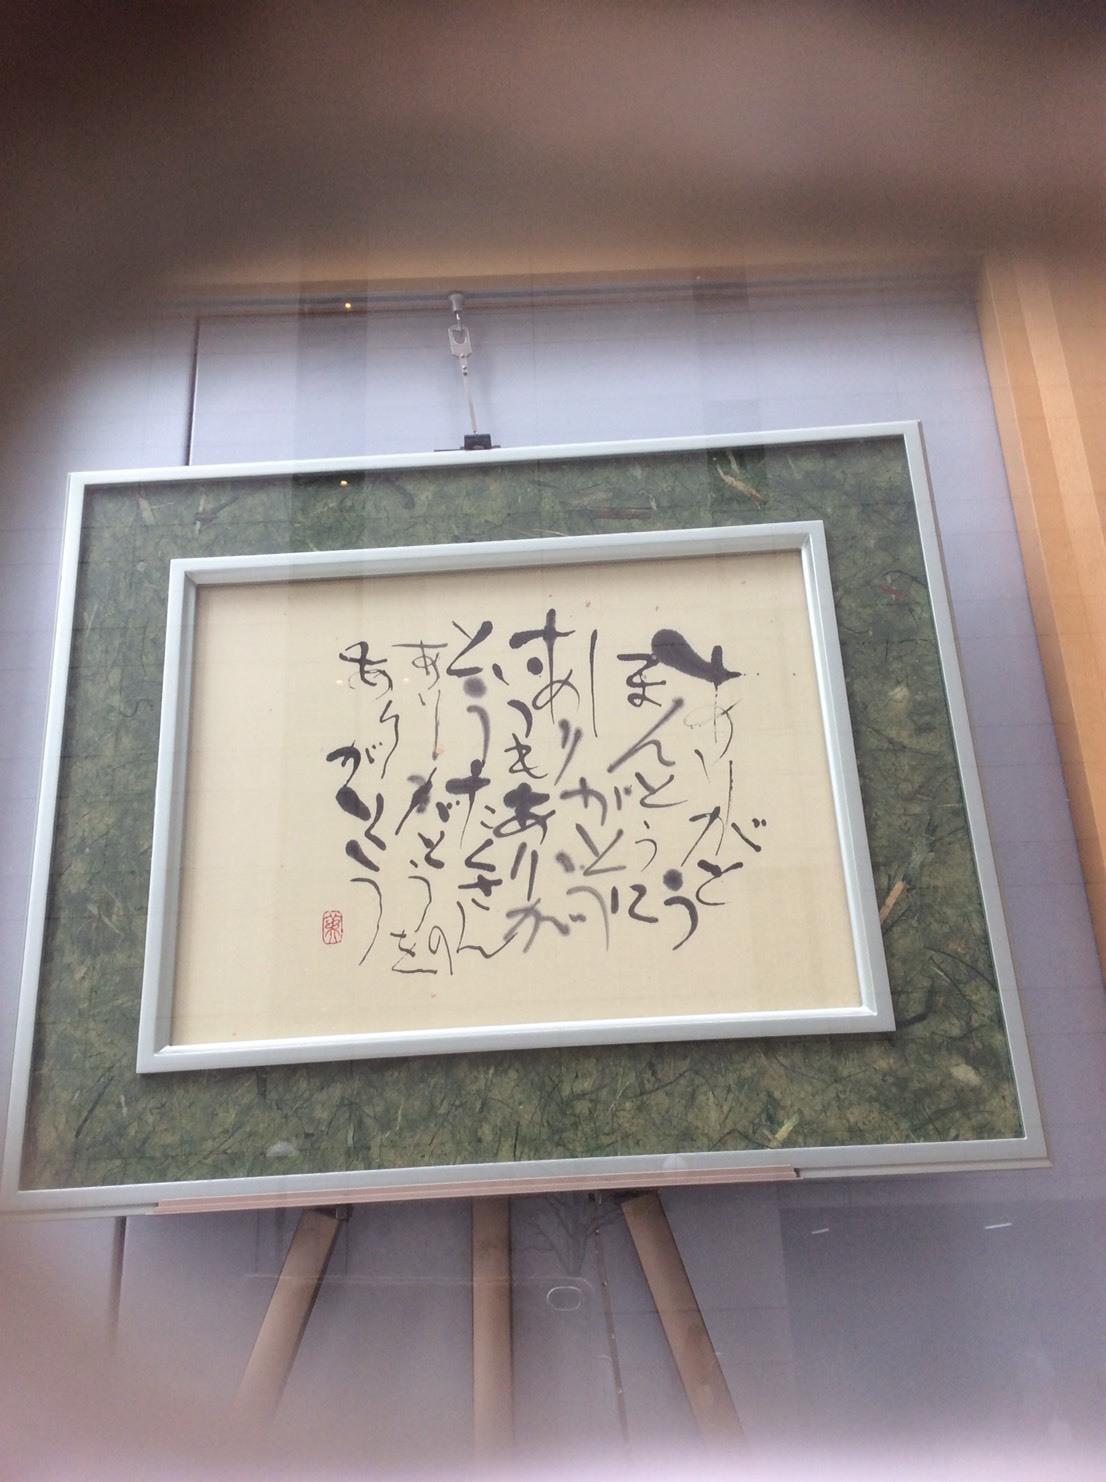 神戸から、「震災の記憶・vol.16」搬出_a0098174_17260919.jpg